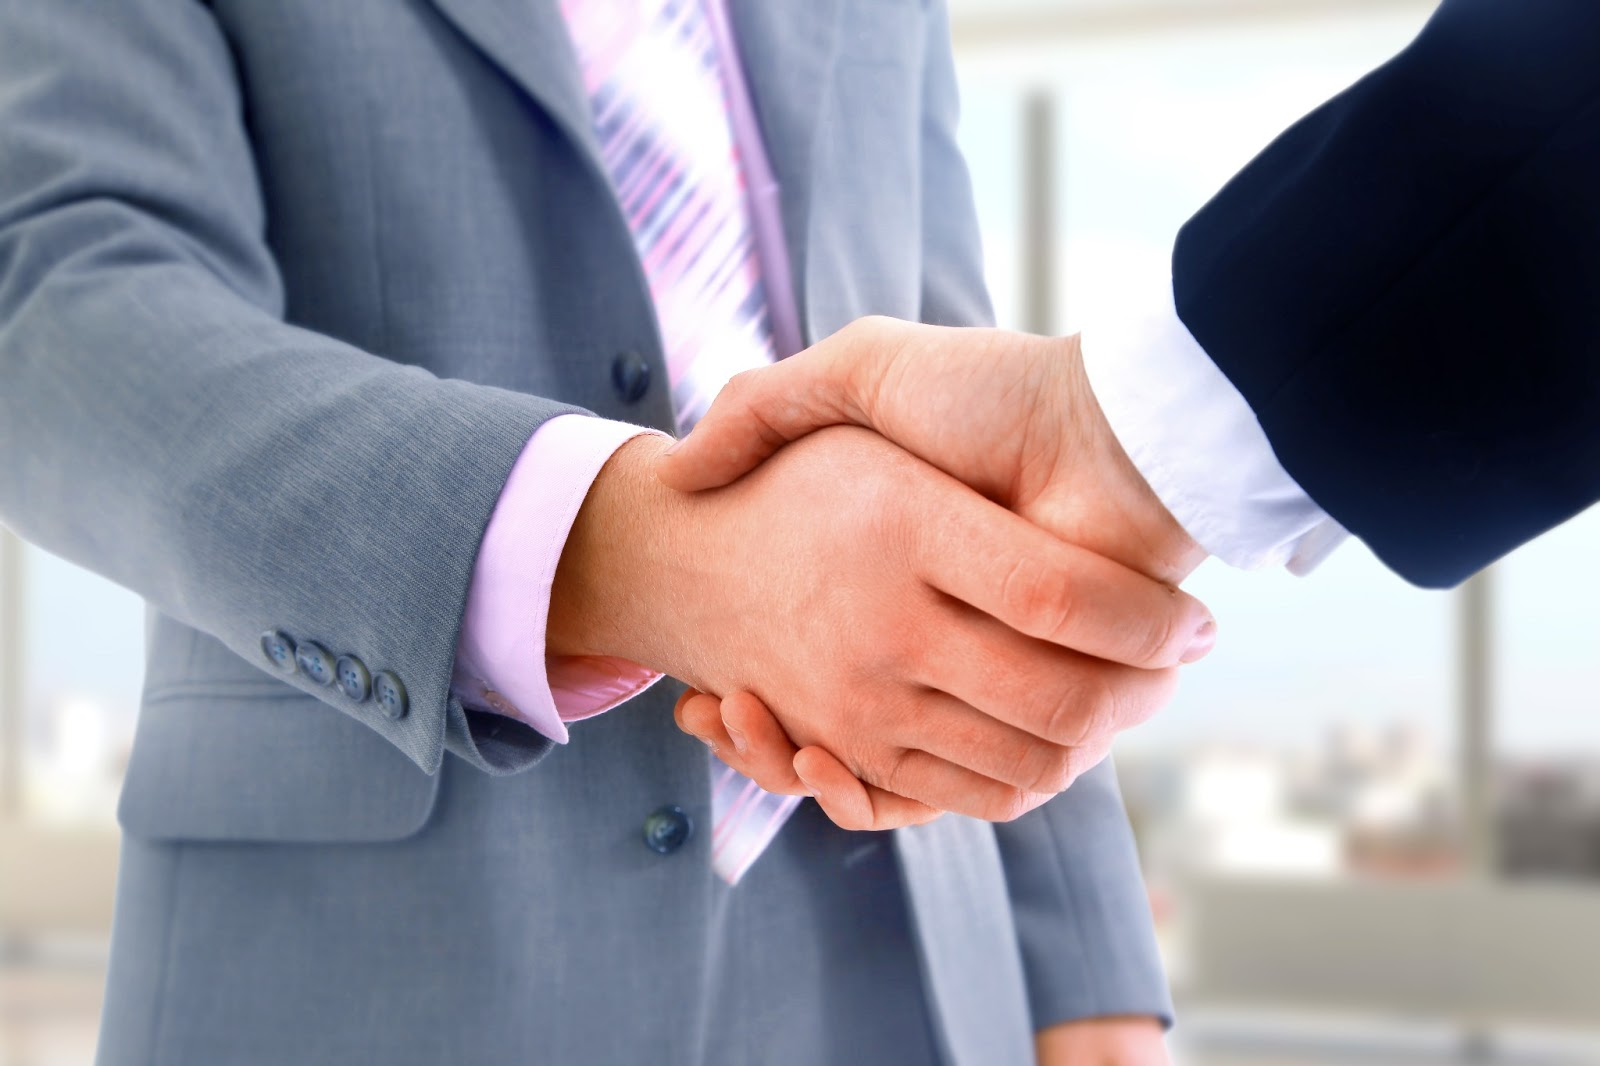 Fiamm Energy Technology: confermata l'operazione per l'acquisto delle azioni Hitachi Chemical da parte di SHOWA DENKO K.K.